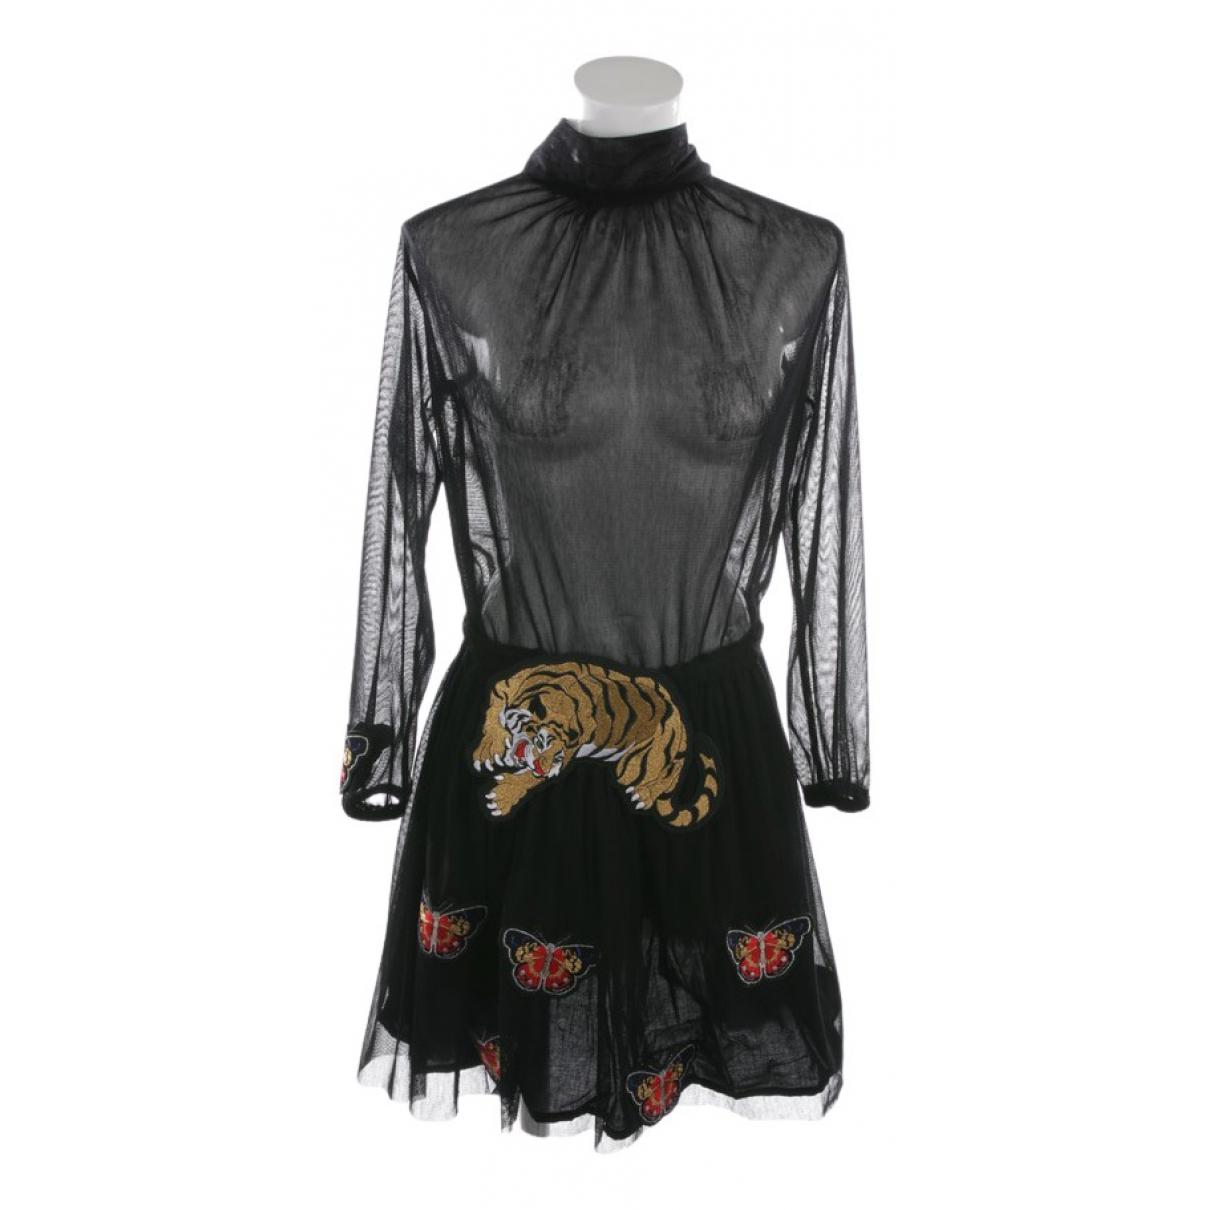 Shirtaporter \N Black Cotton dress for Women 36 FR